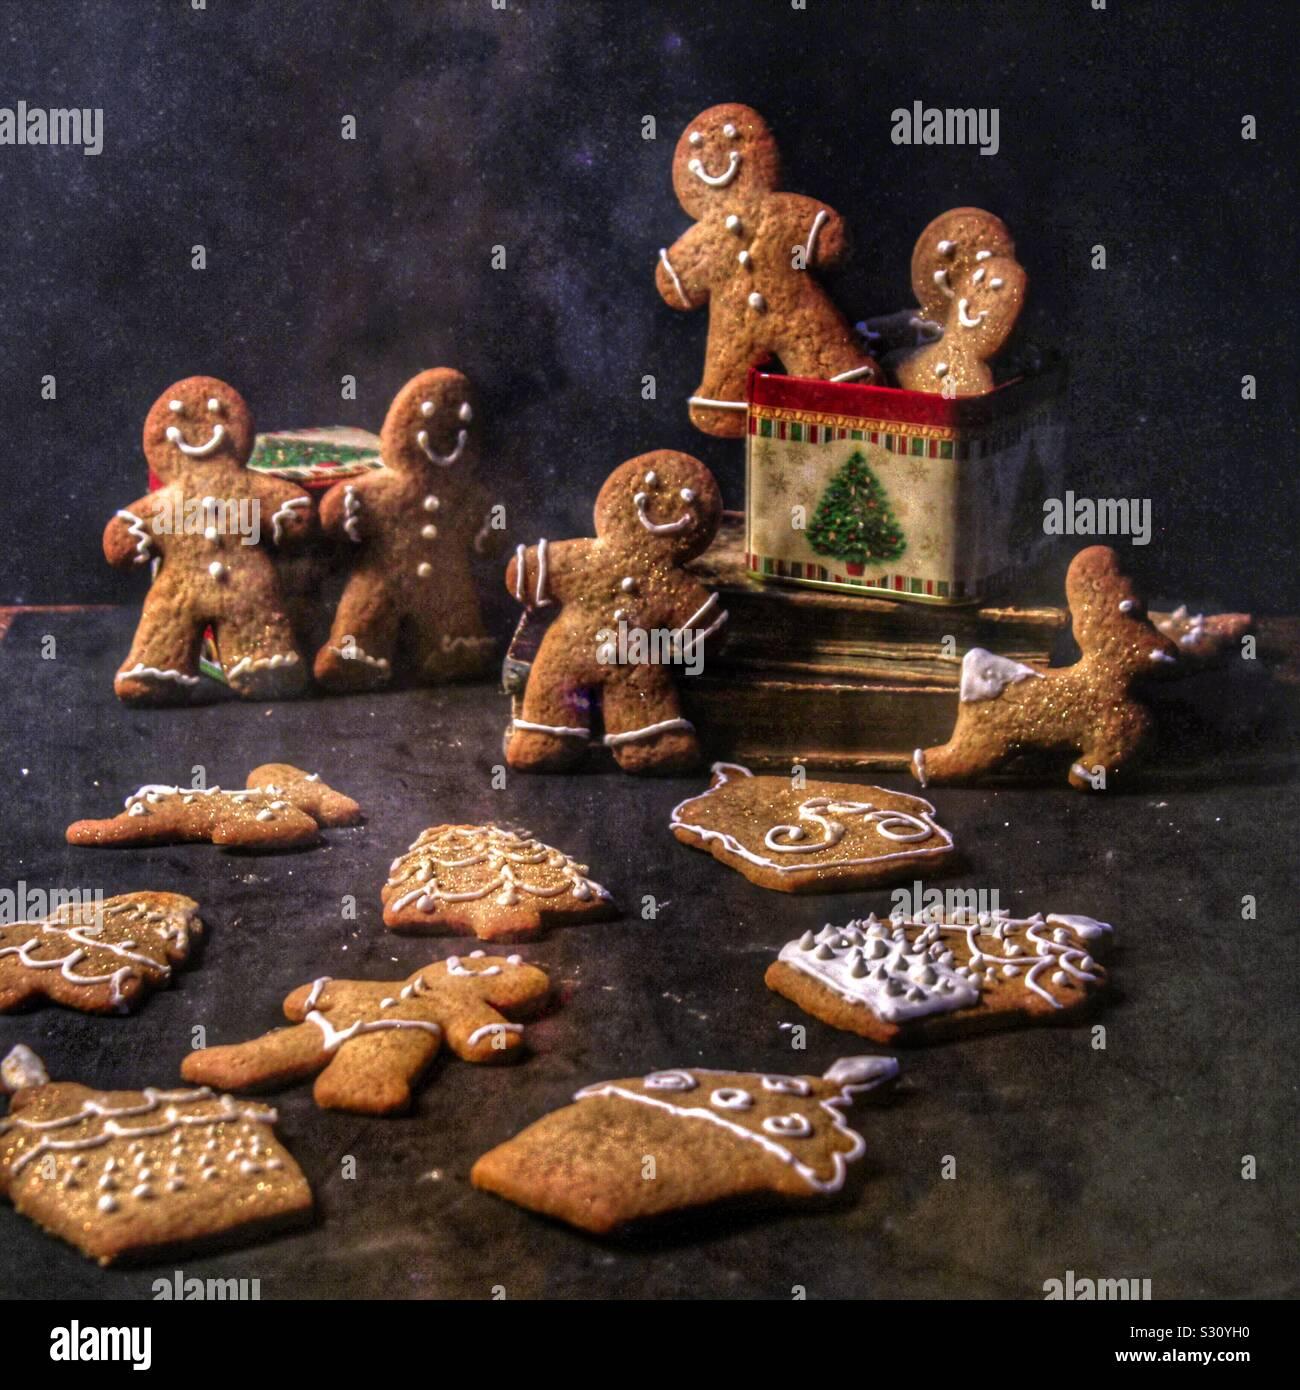 Las galletas de jengibre, colocado en una lata de estaño colocados sobre los libros Foto de stock